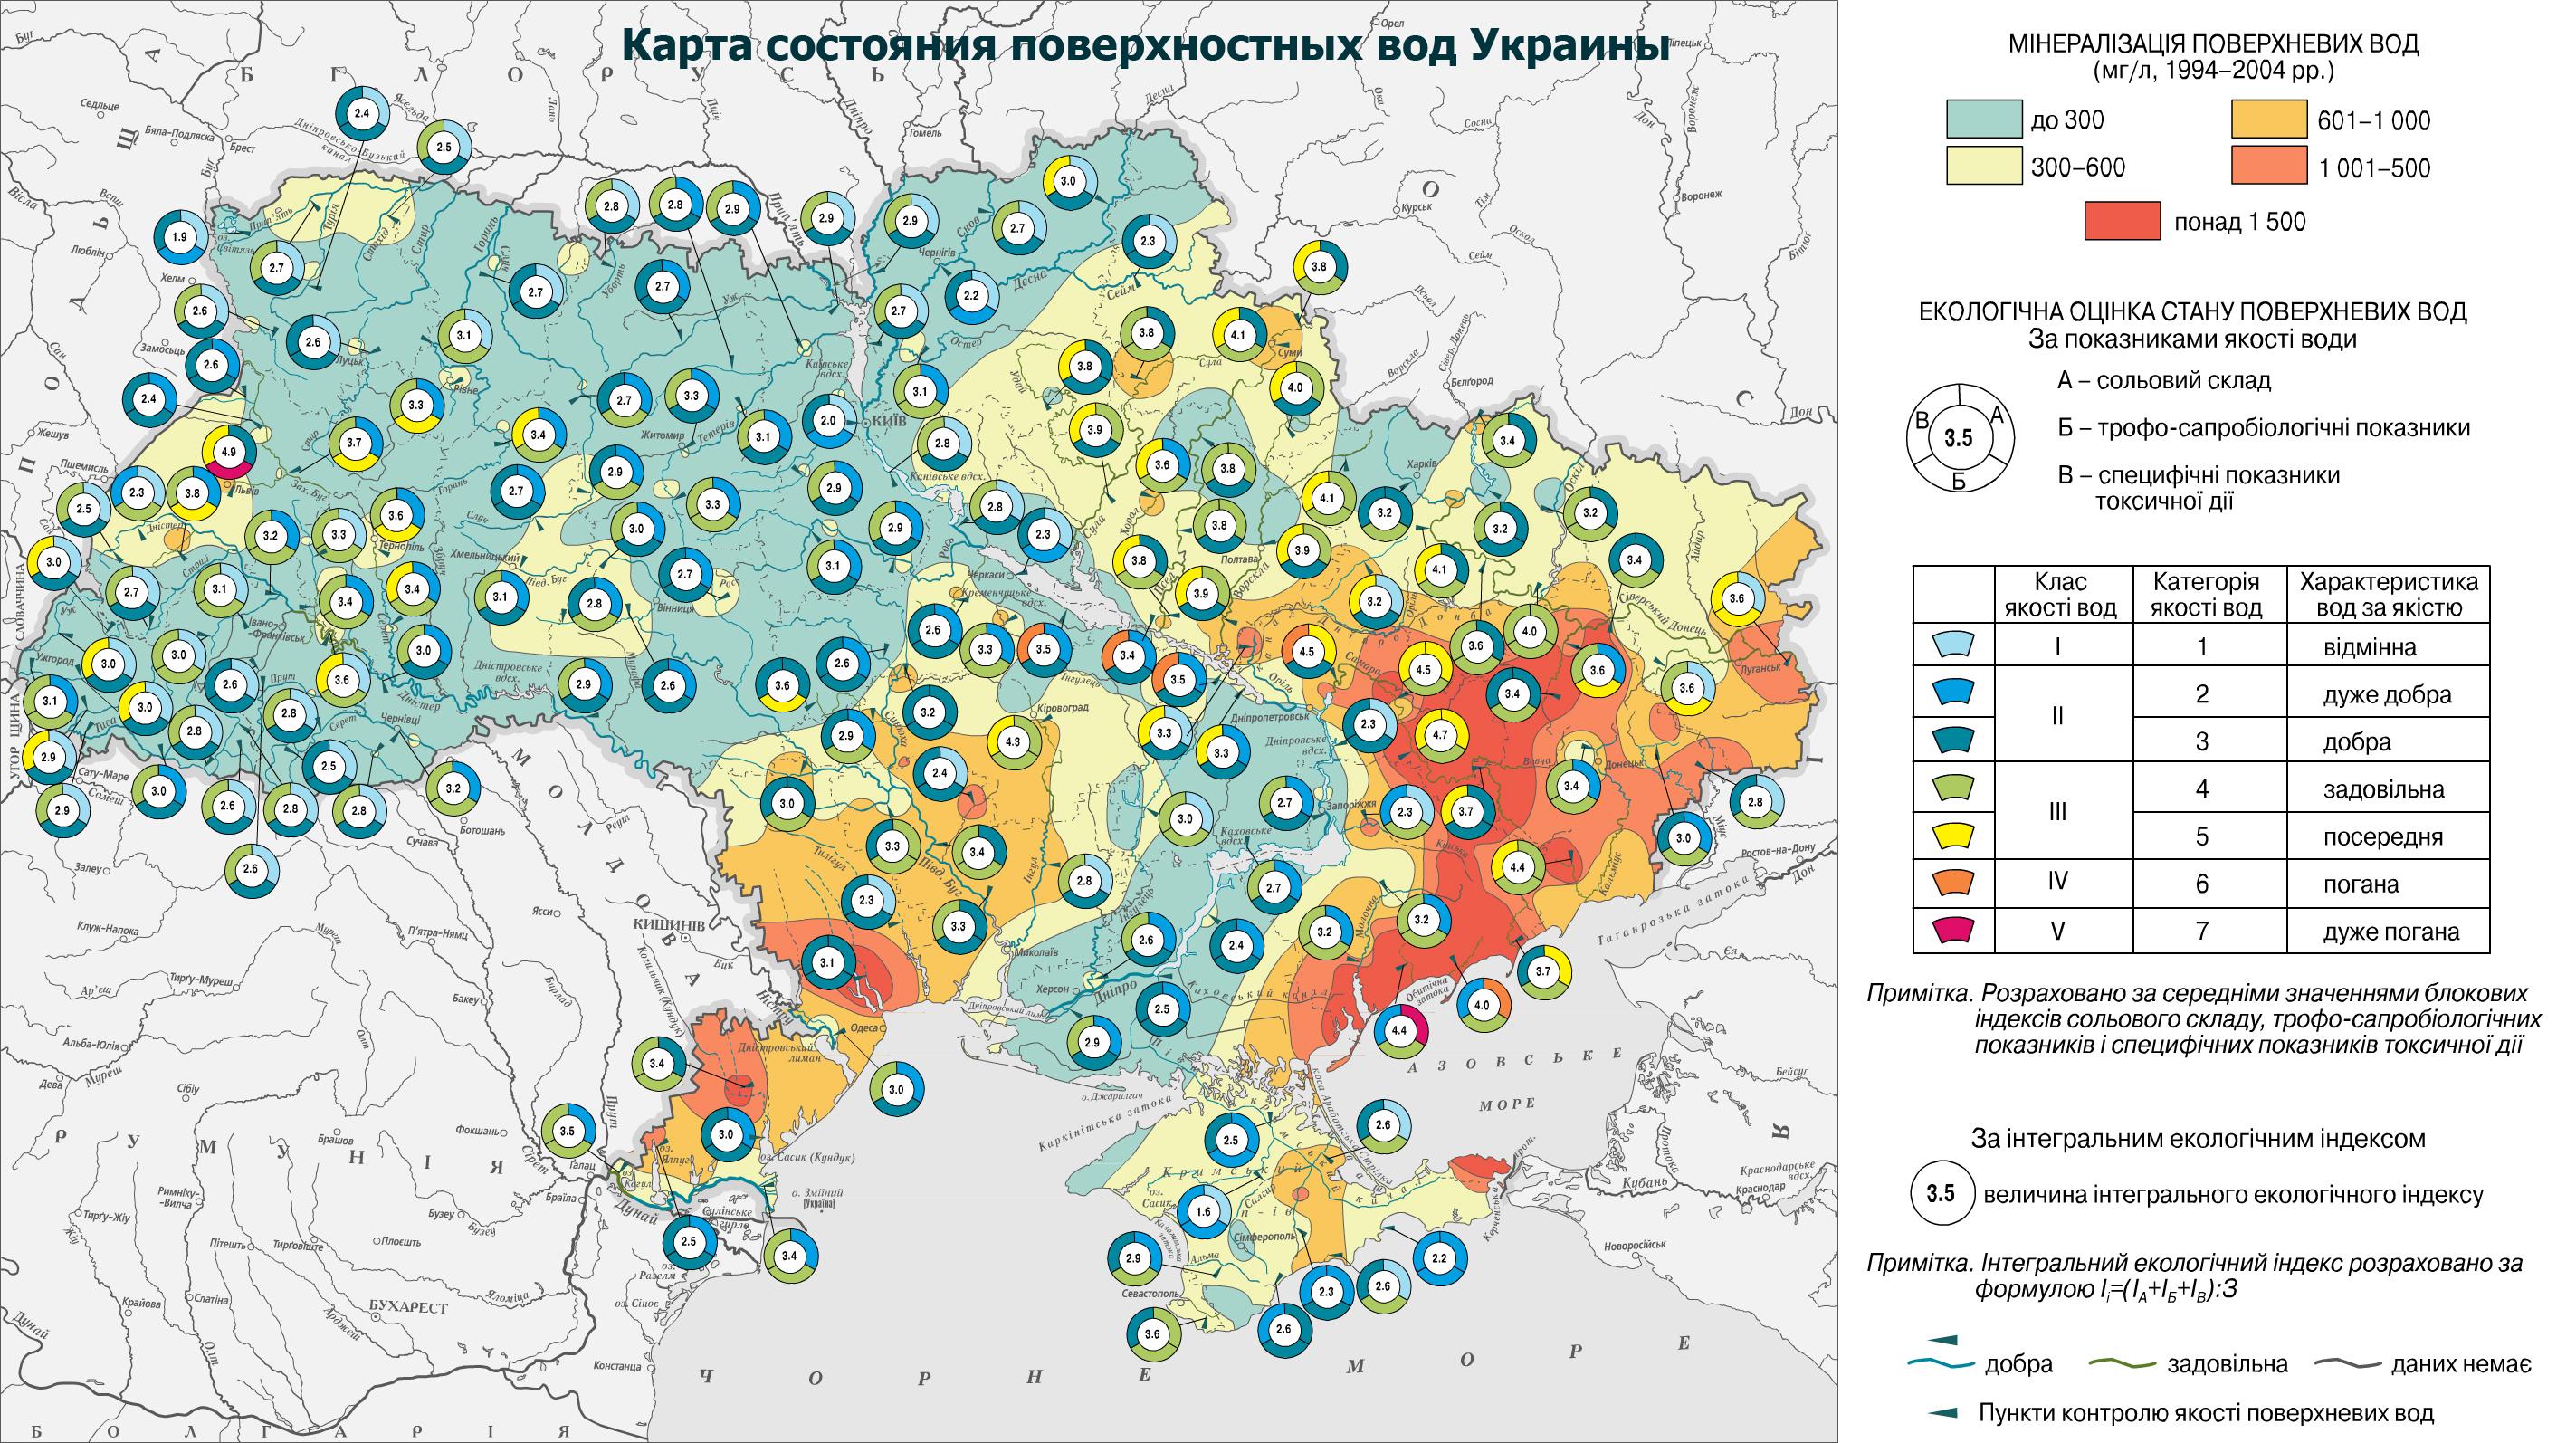 Карта состояния поверхностных вод Украины